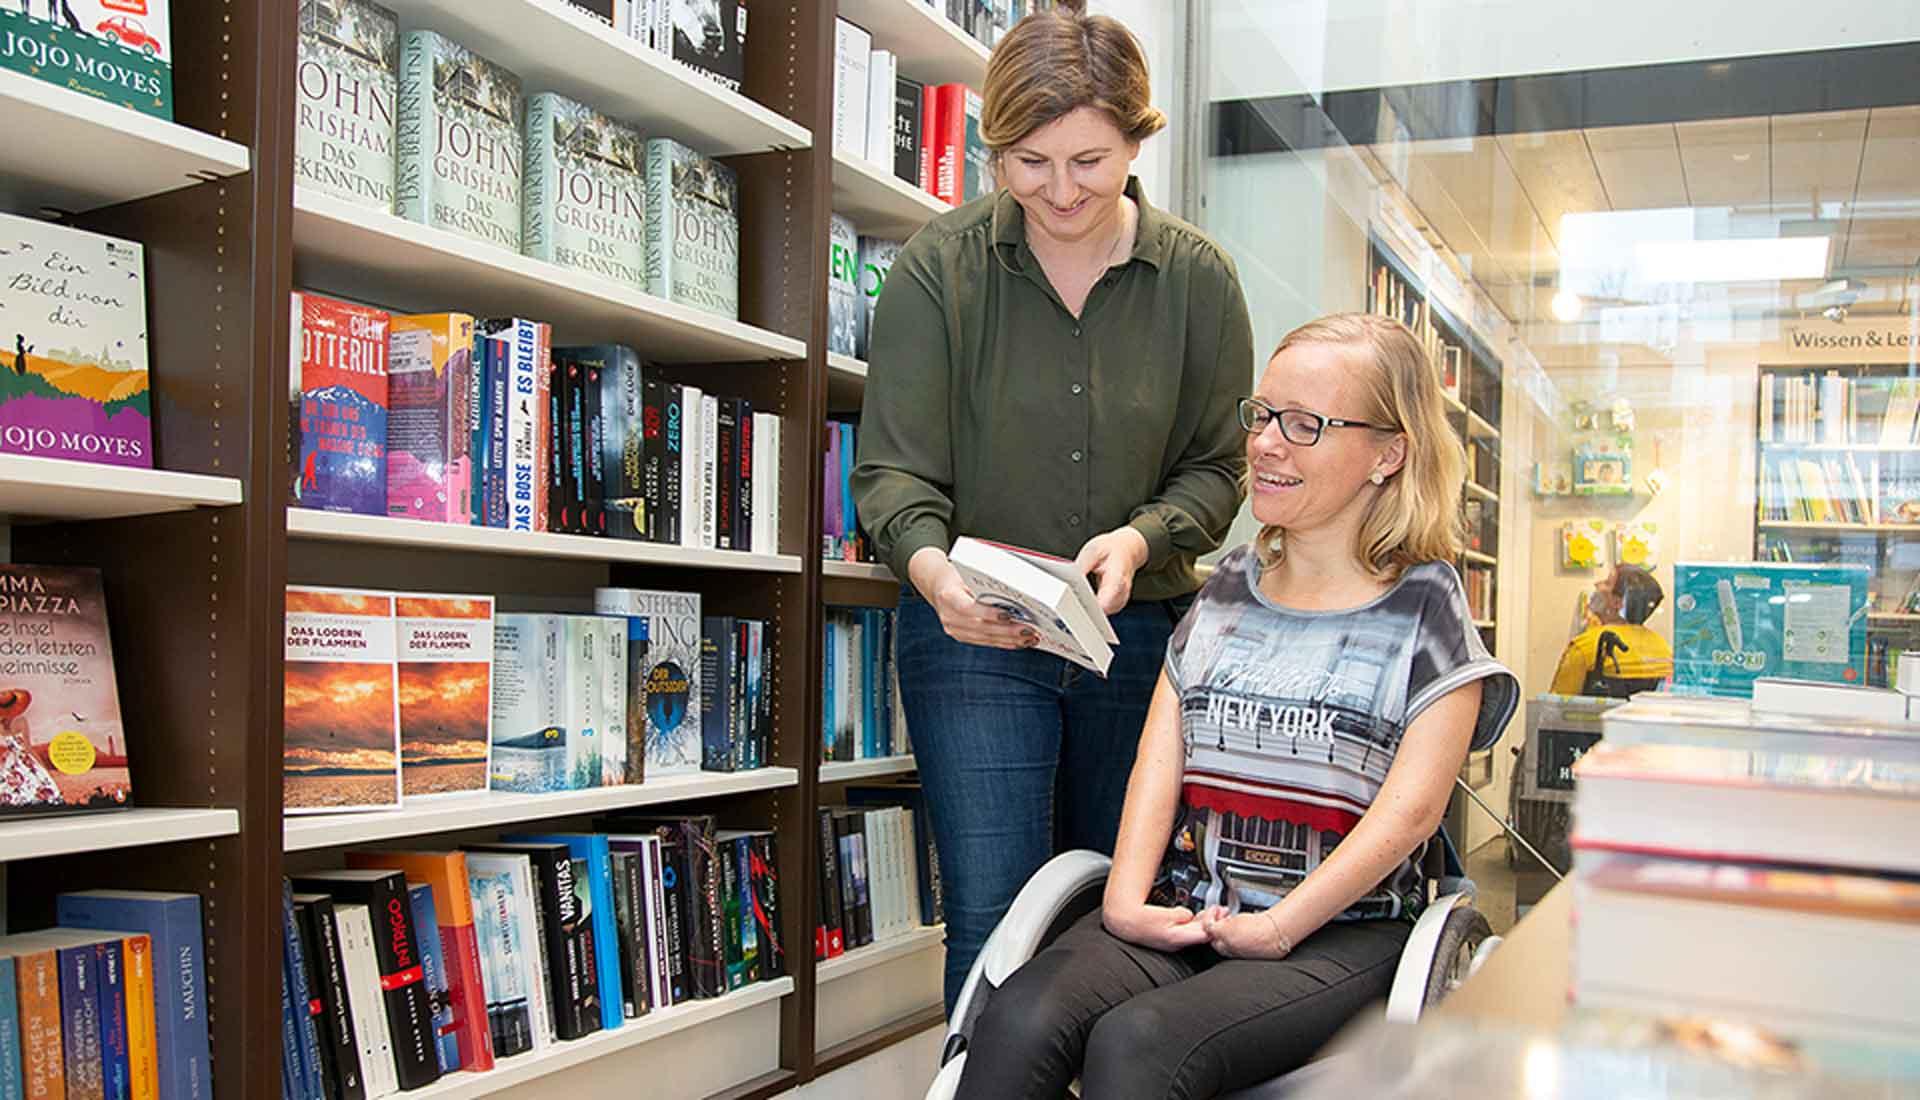 Assistenznehmerin wird von einer Assistentin in einer Bibliothek unterstützt